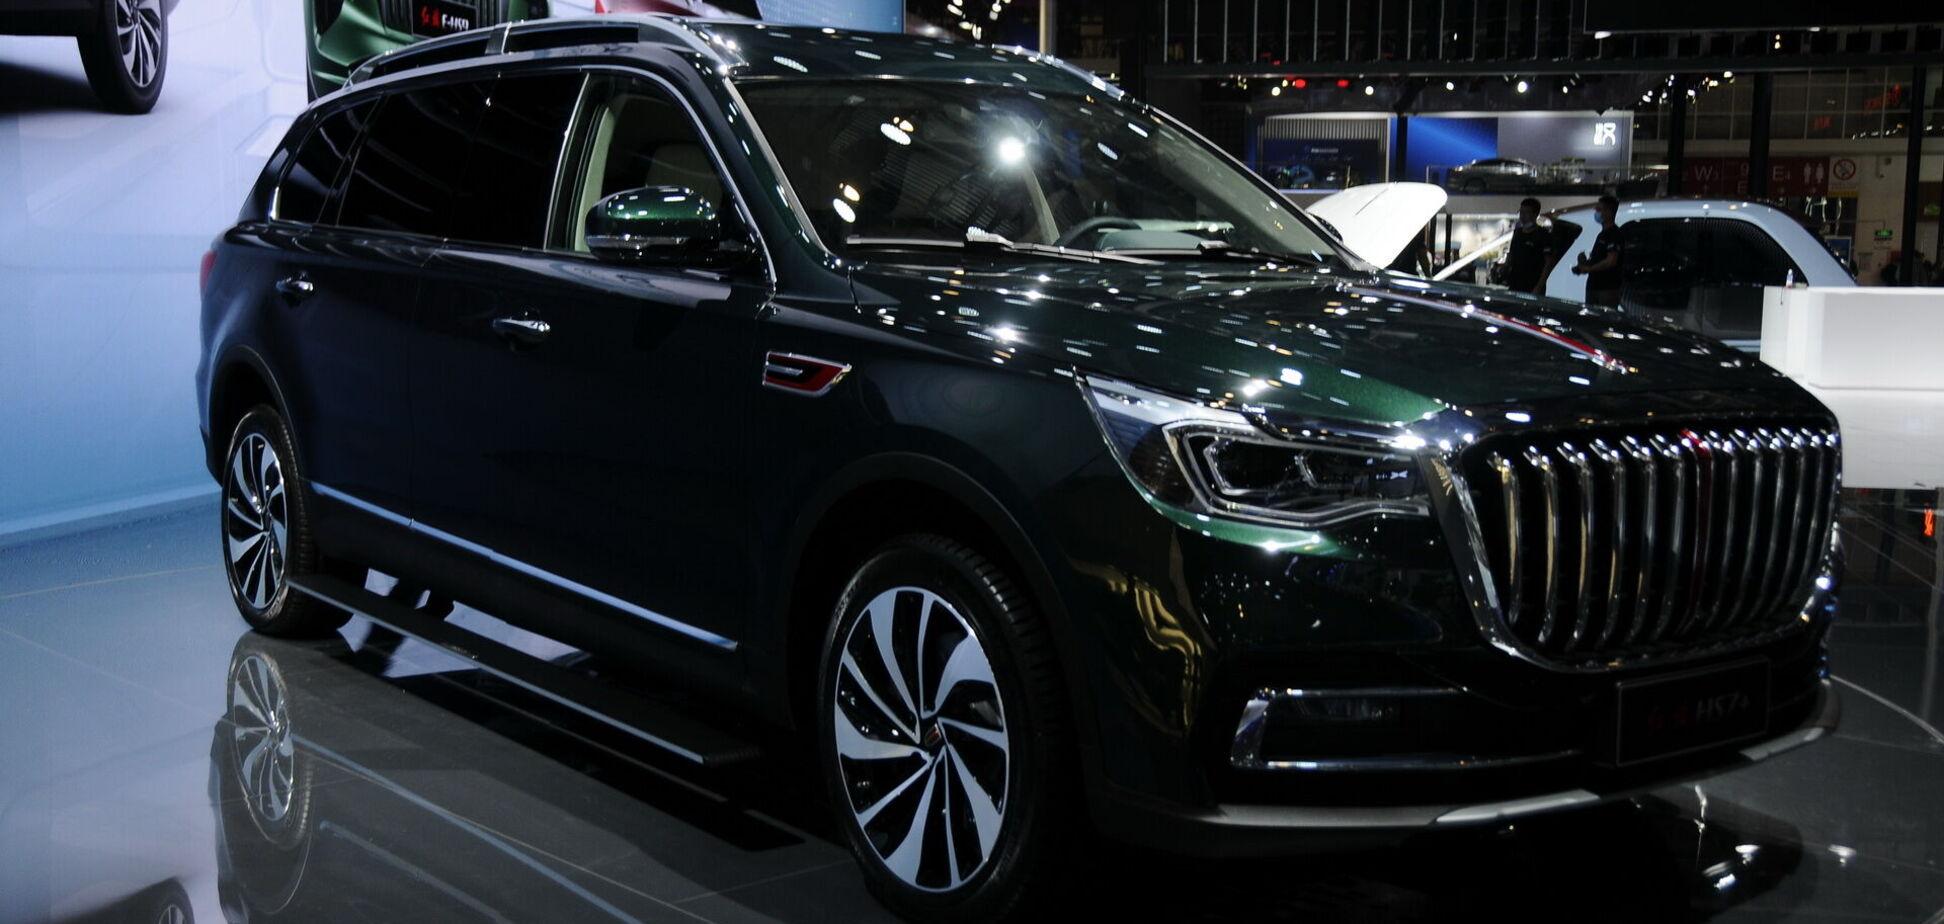 Китайцы показали очень длинный кроссовер с дизайном BMW X7 и VW Touareg